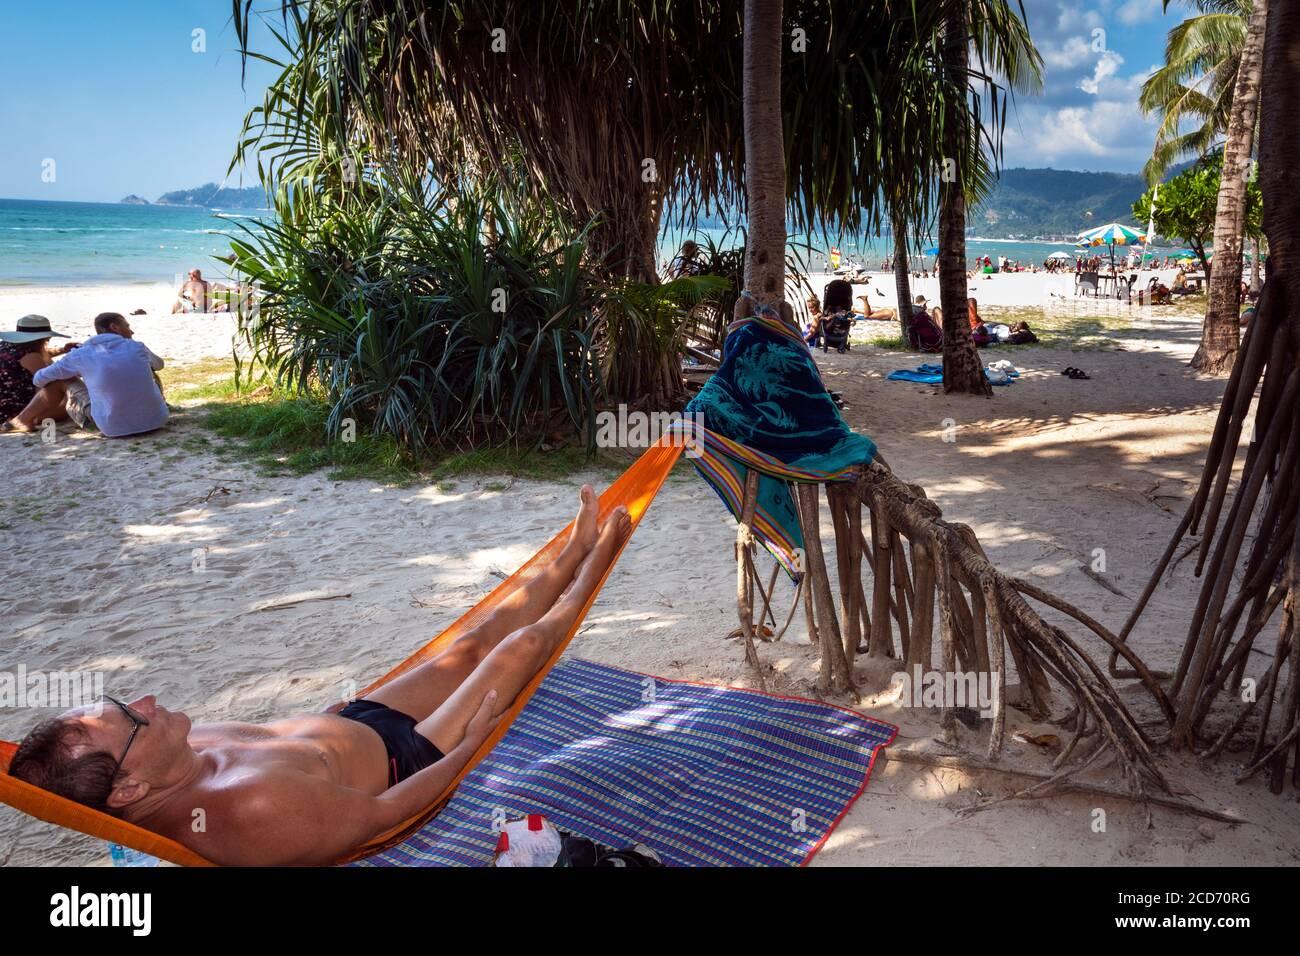 Turista relajándose en una hamaca en la playa en Patong, Phuket, Tailandia Foto de stock